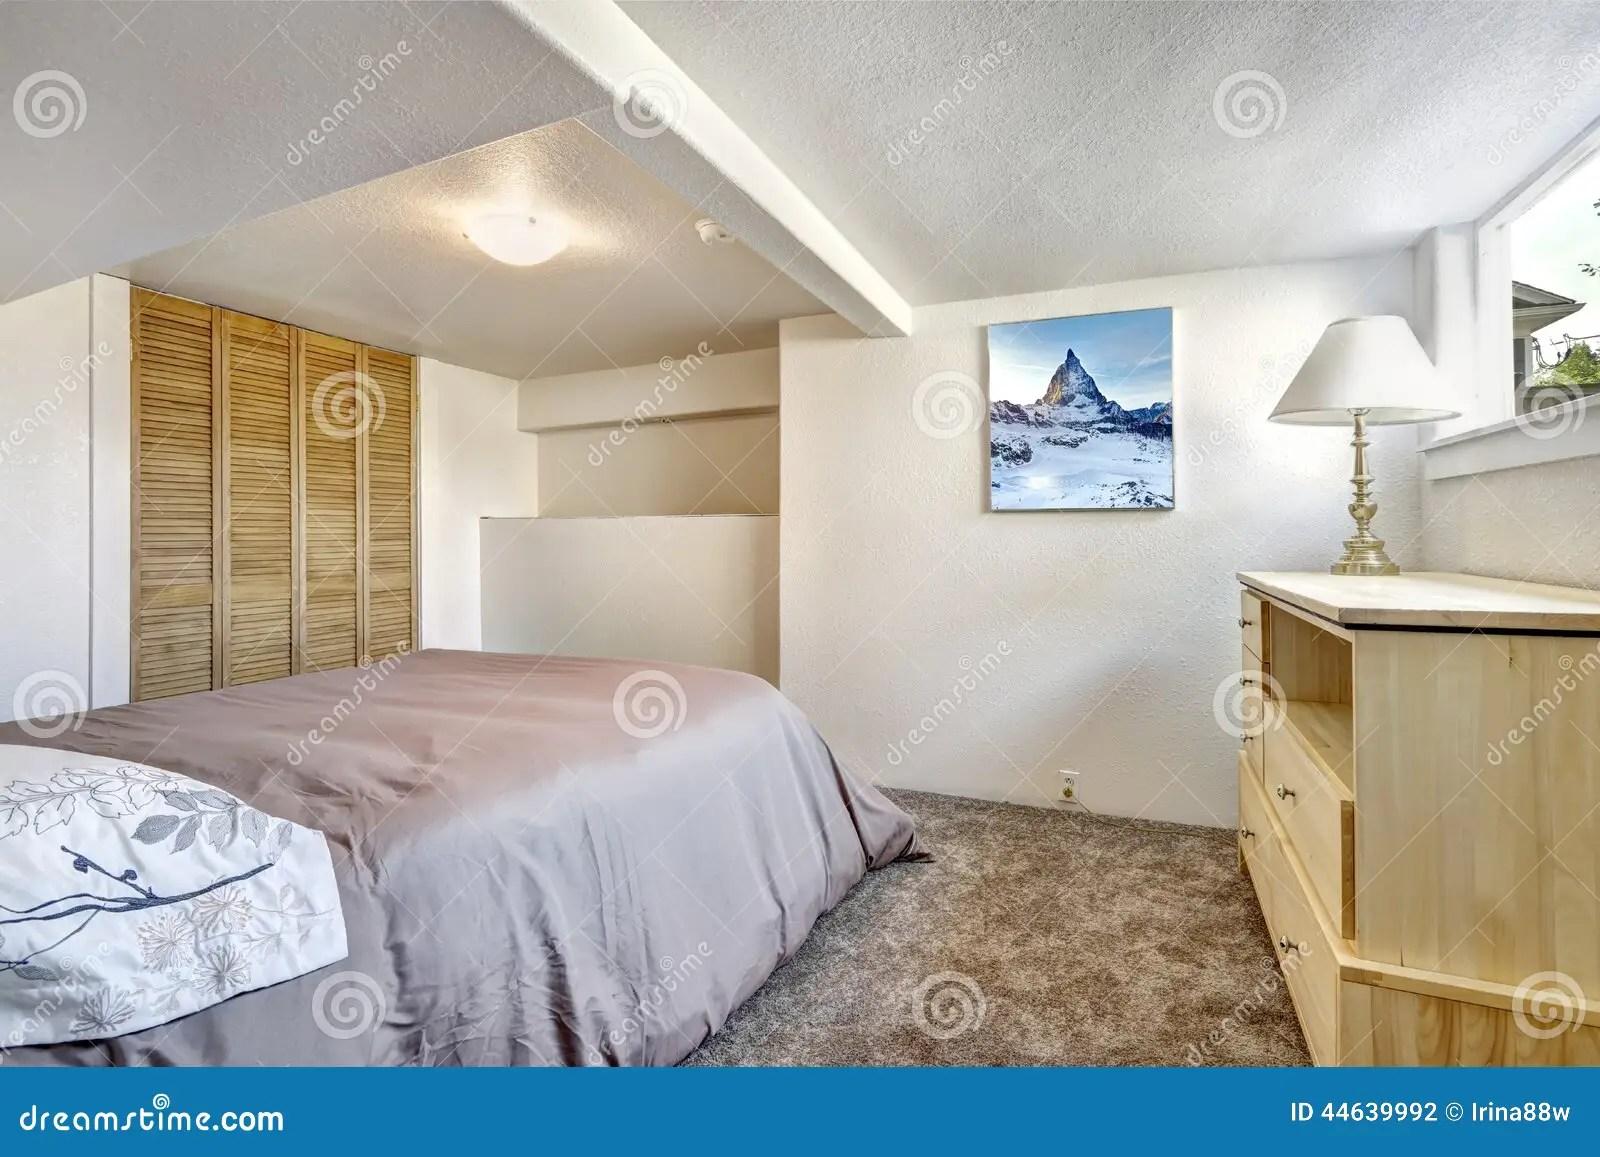 Comfortabele Slaapkamer Met Laag Plafond Voorraadbeelden